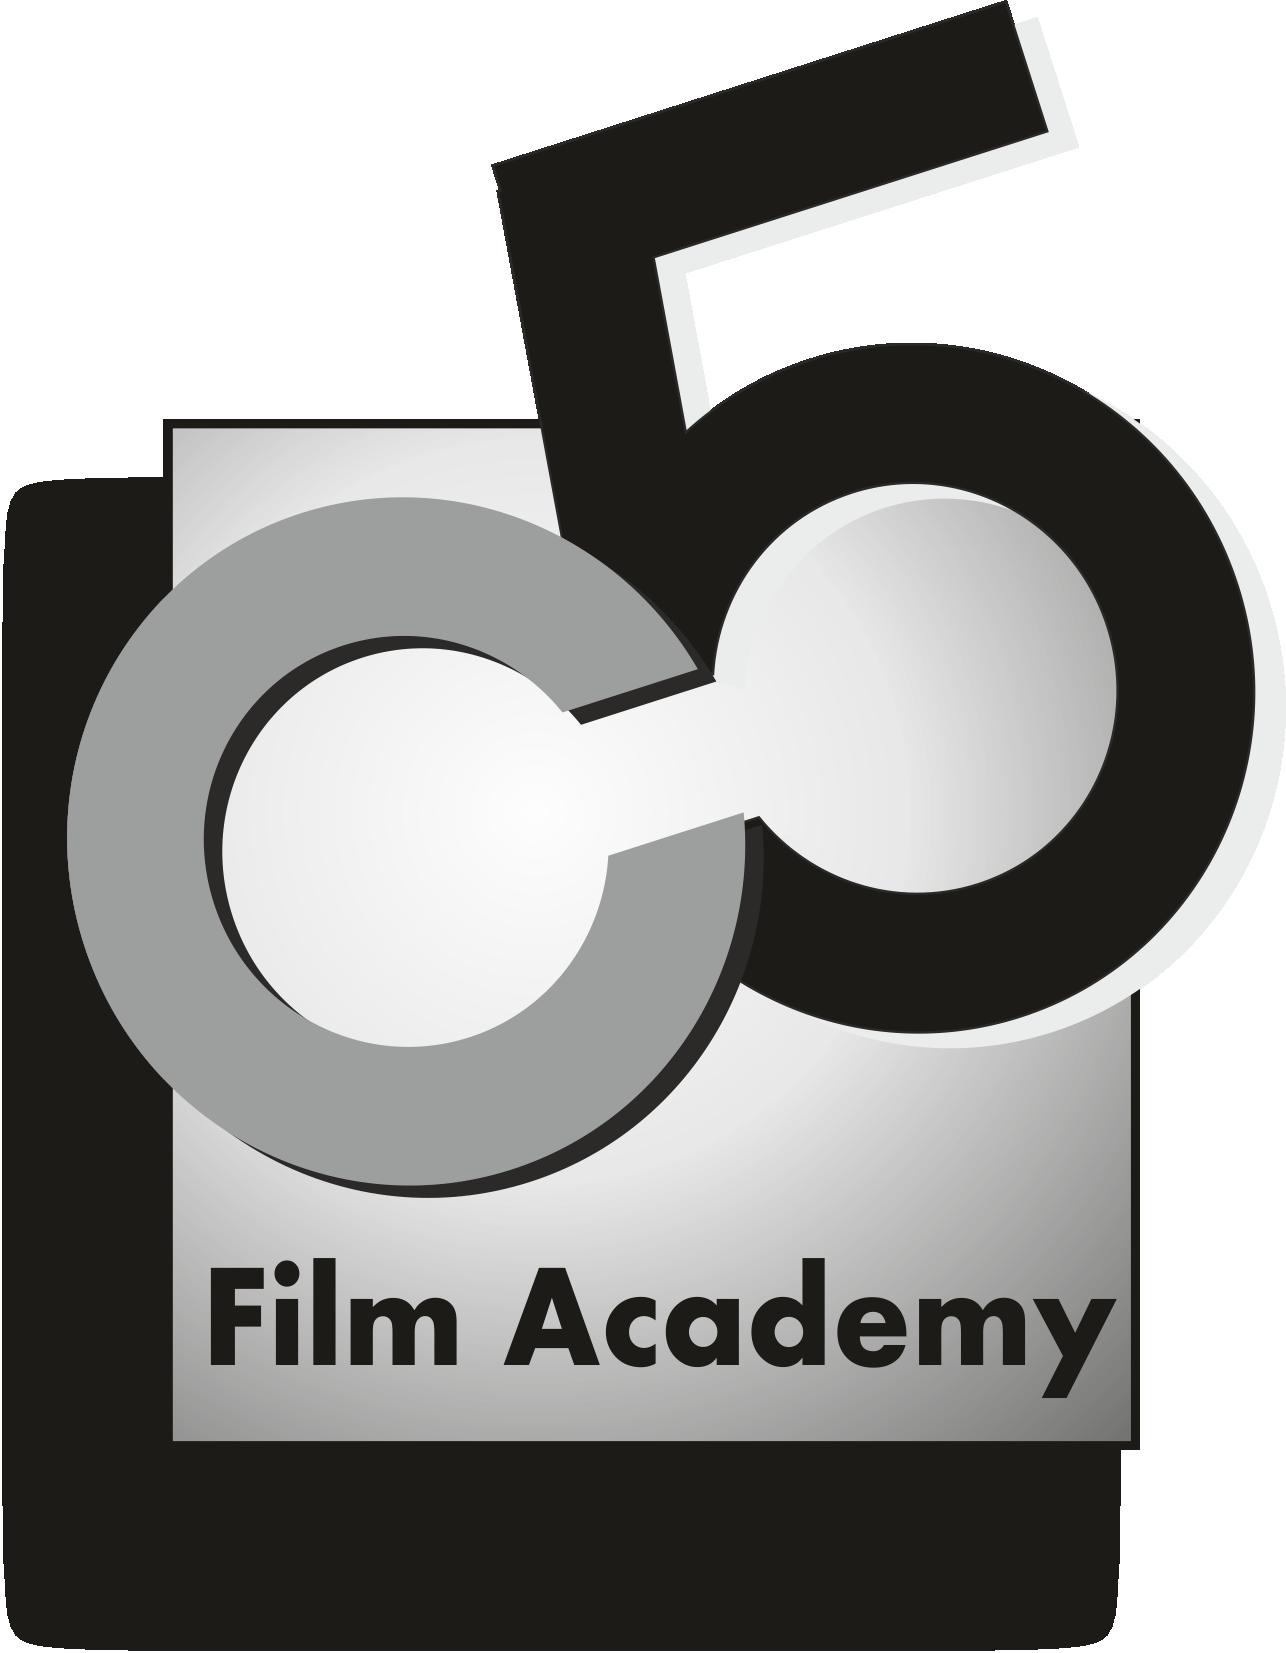 C5 Film Academy.